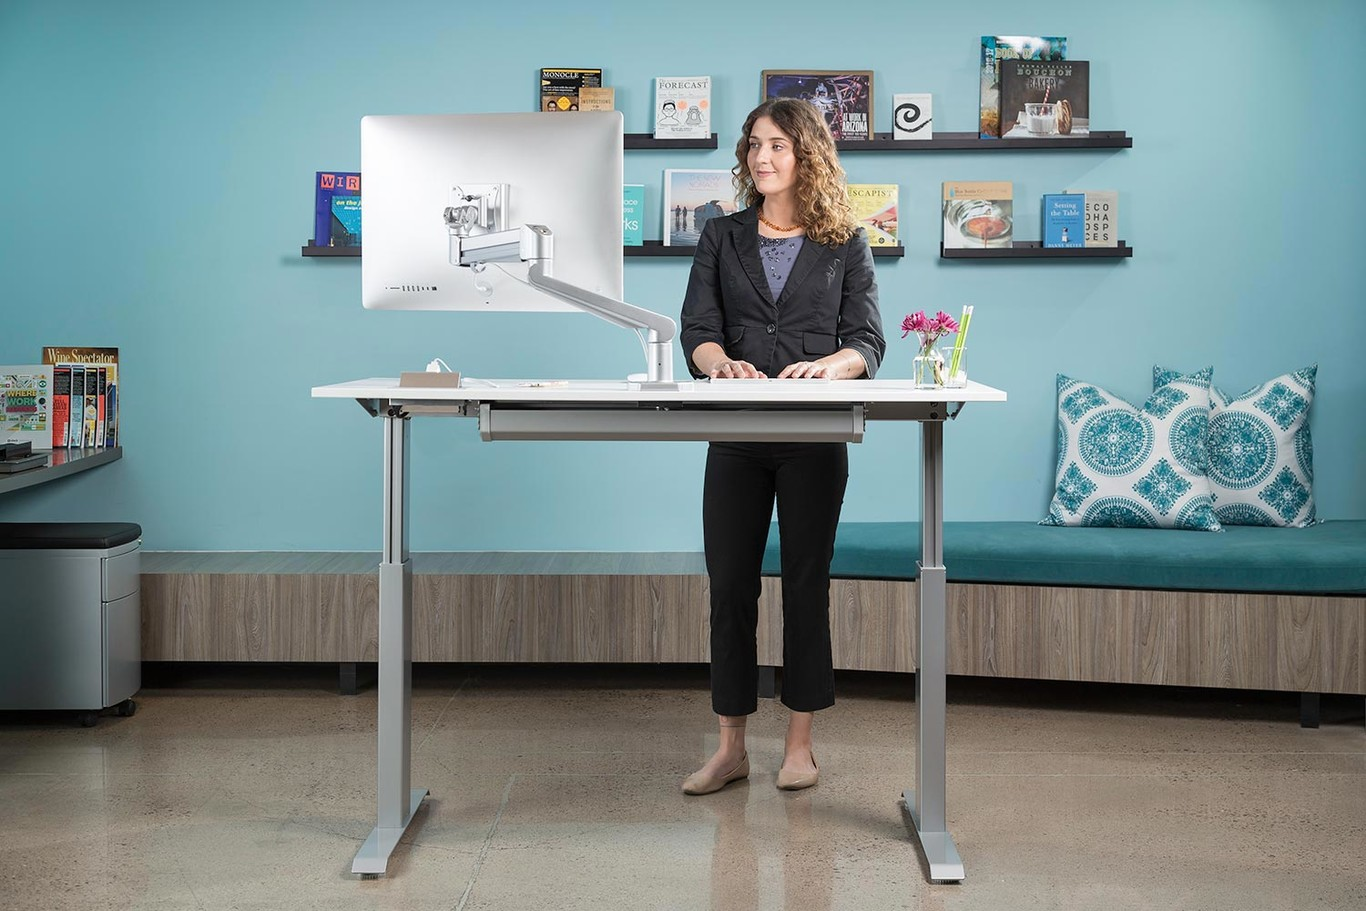 Trabajar o no trabajar de pie: tres personas nos cuentan su experiencia trabajando con escritorios elevados o...